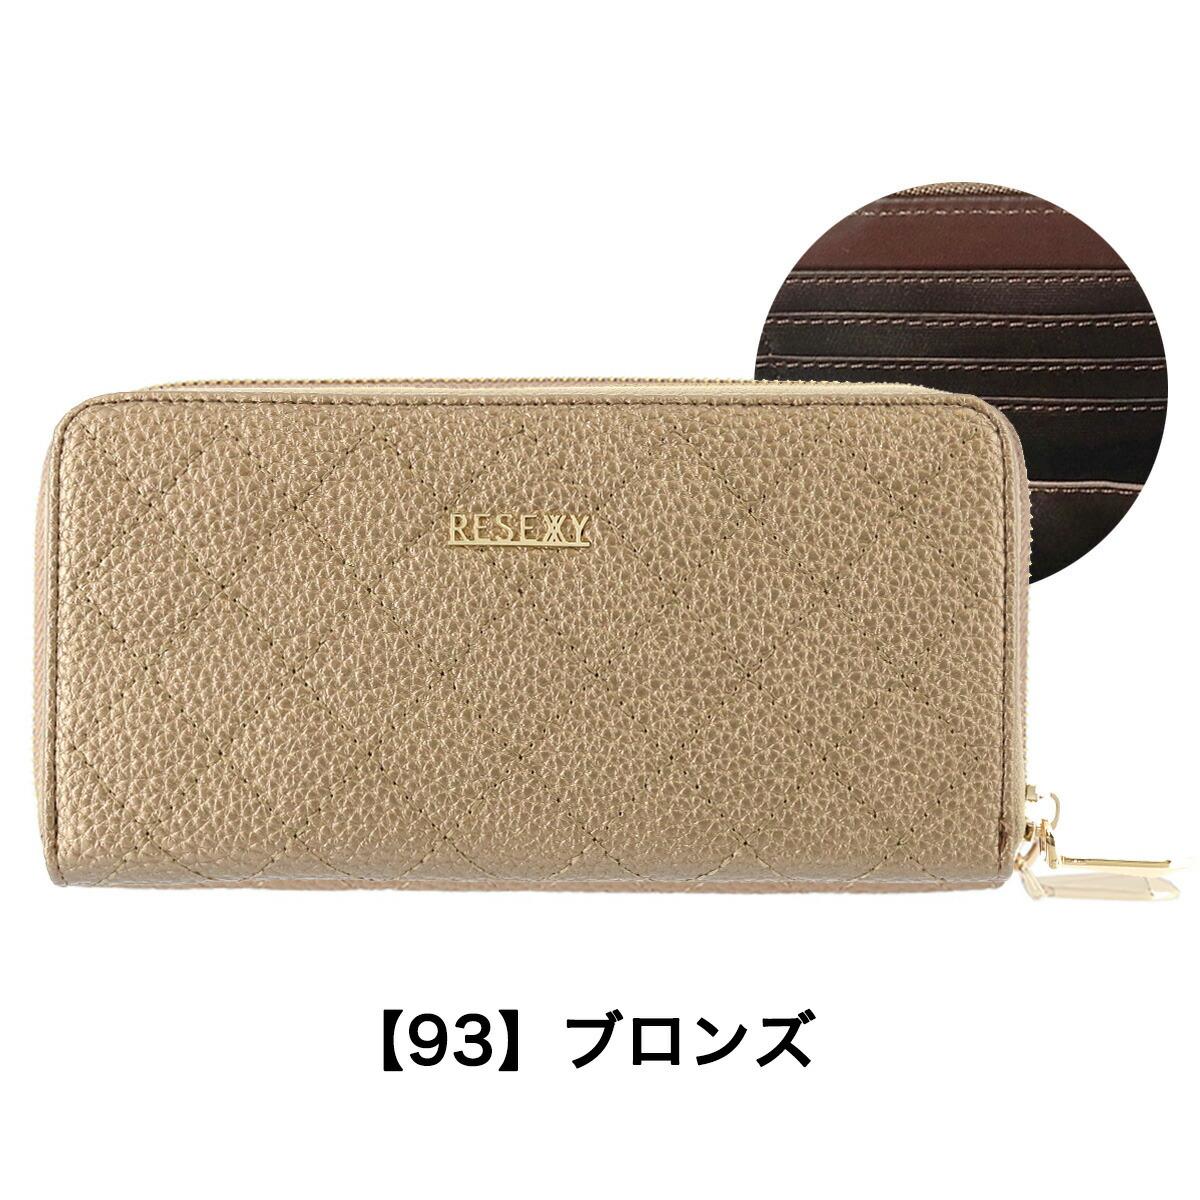 【73】ディープグレー